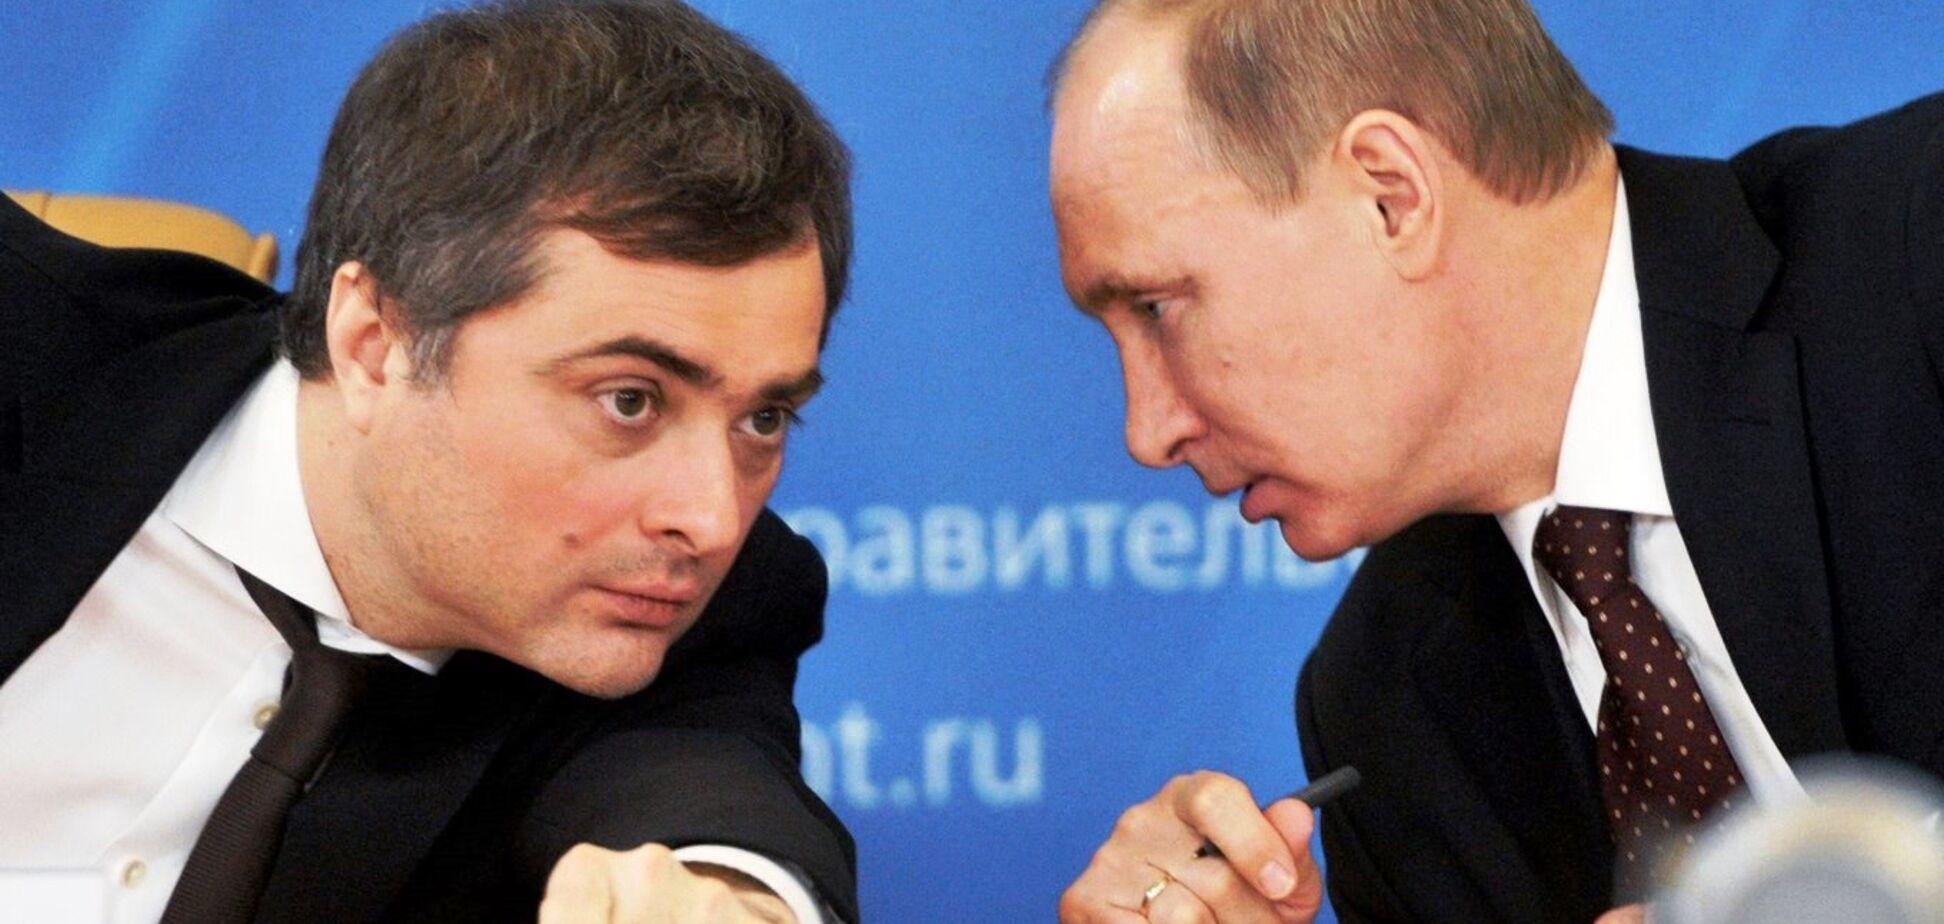 Суркова з'їдять: генерал оцінив 'гризню' в оточенні Путіна